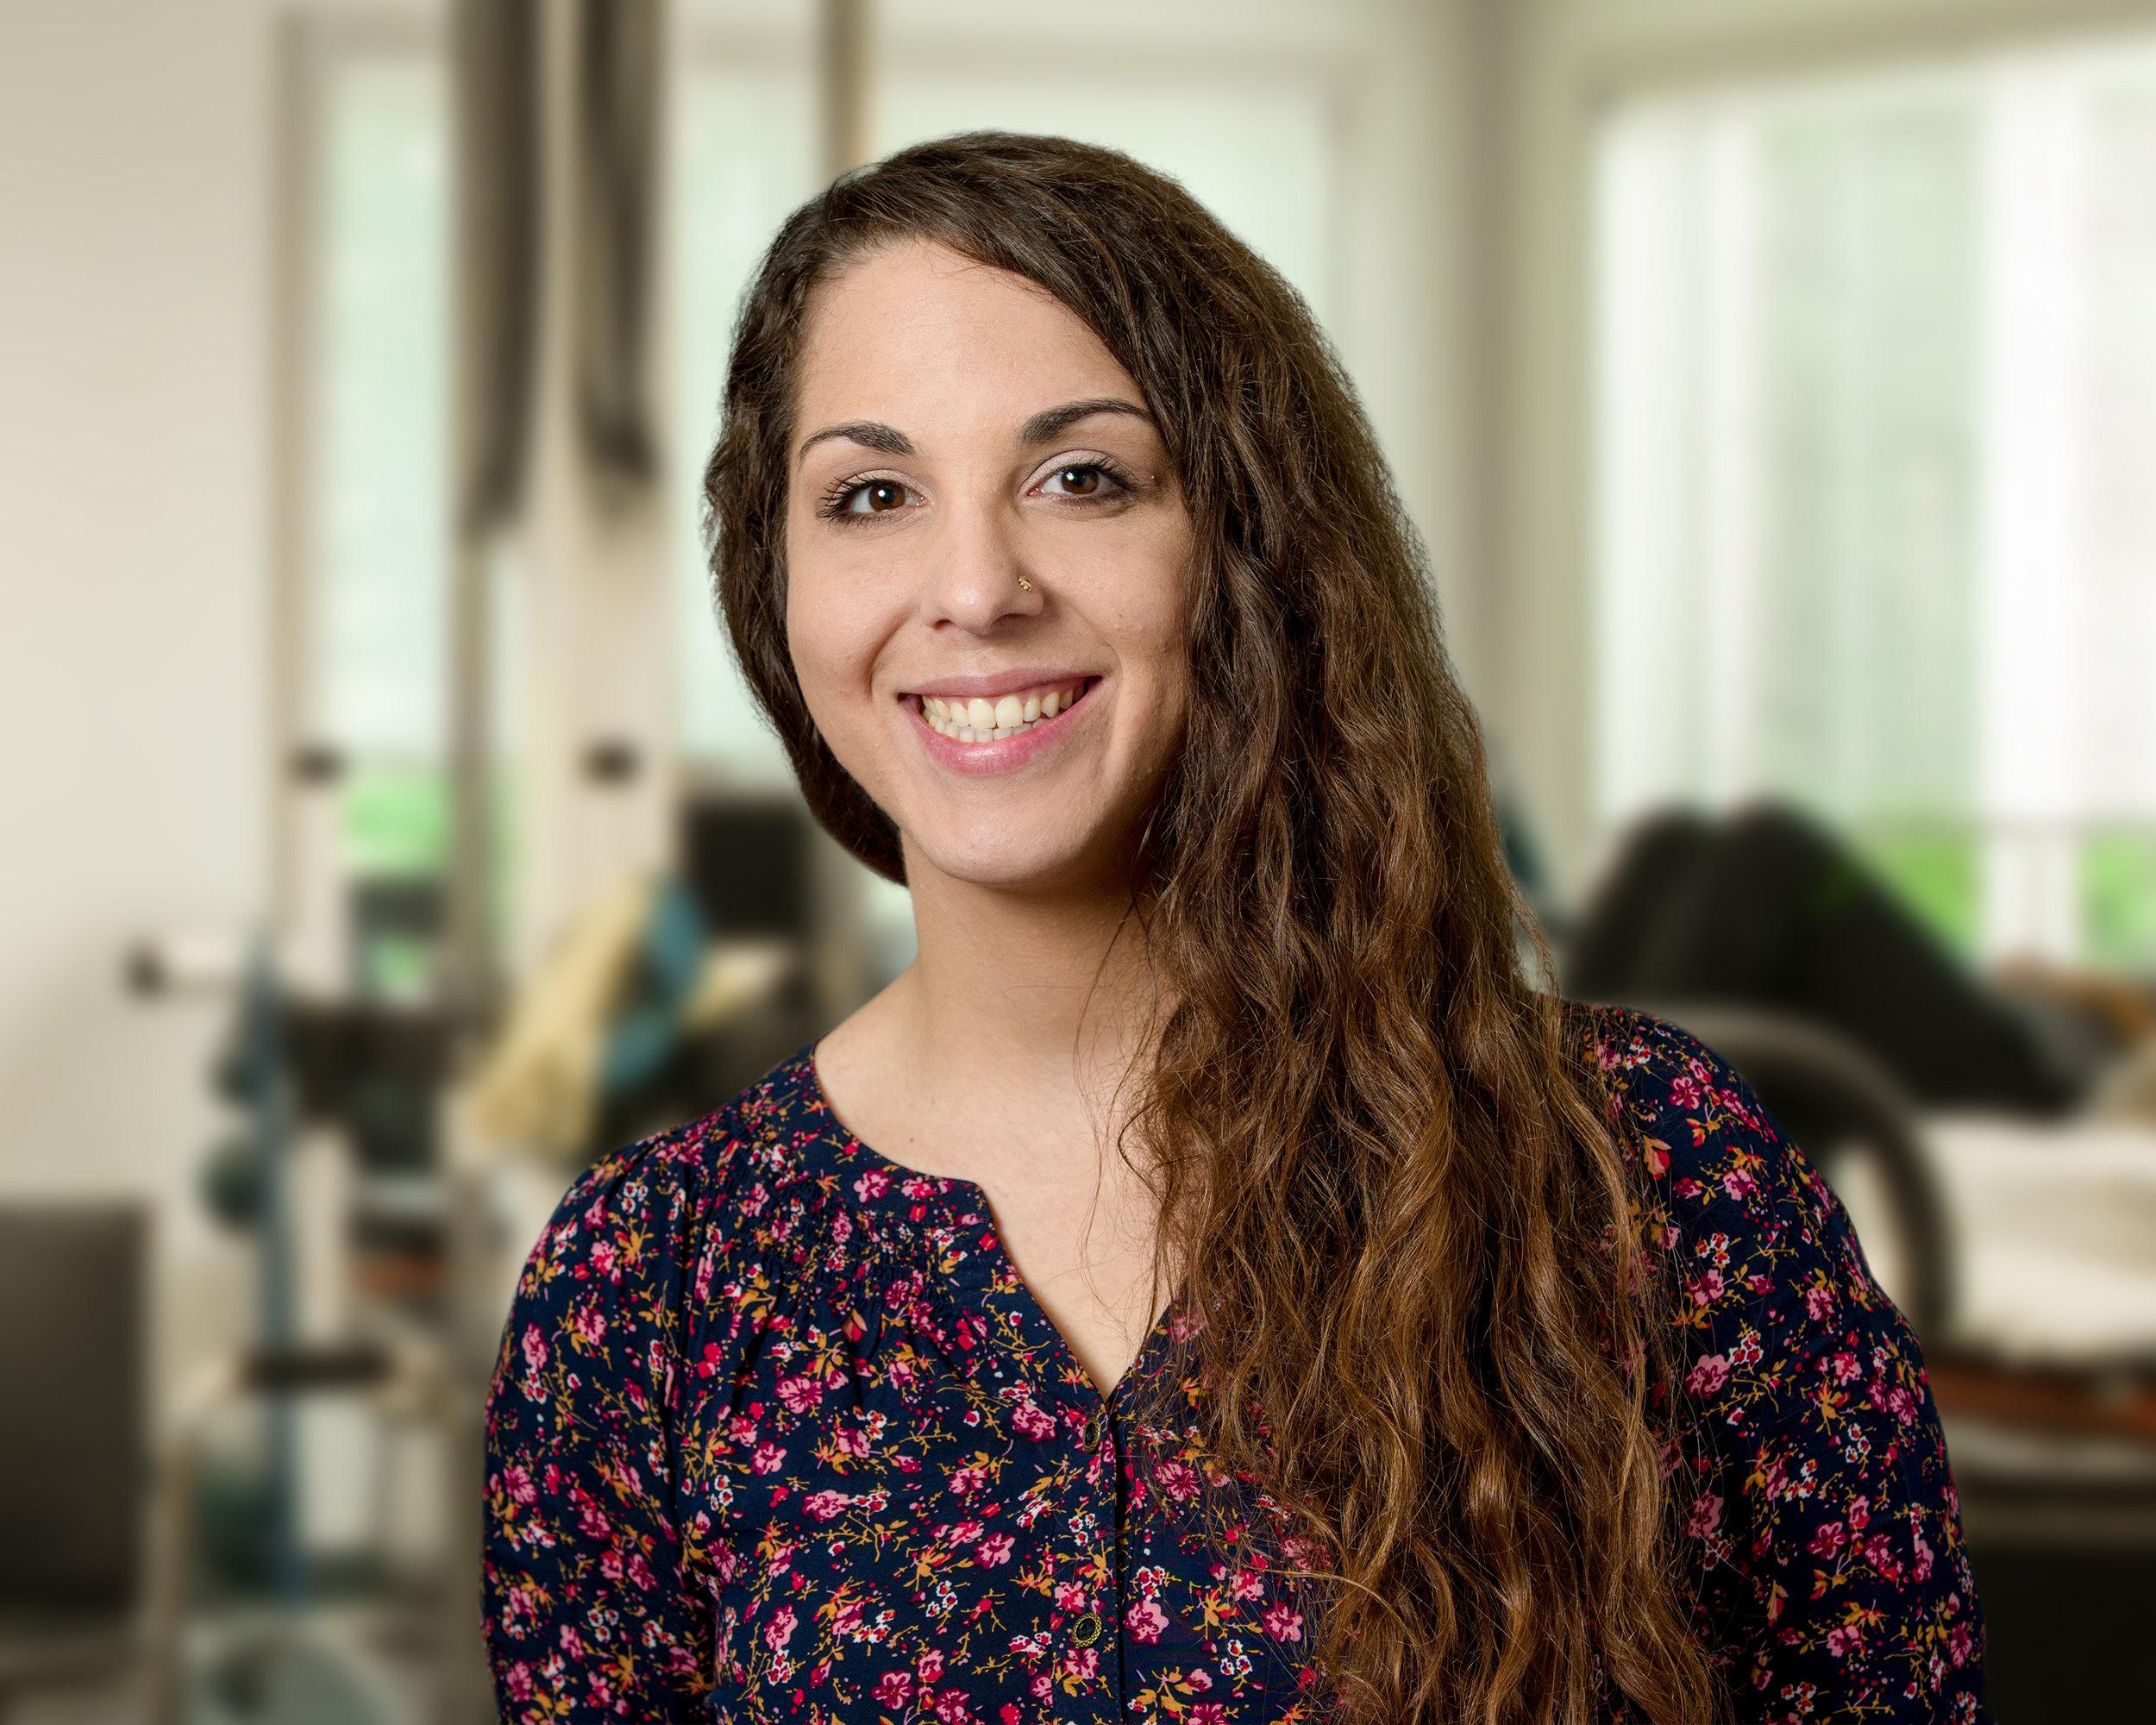 Lattimore Medical Biller Nicole Truisi